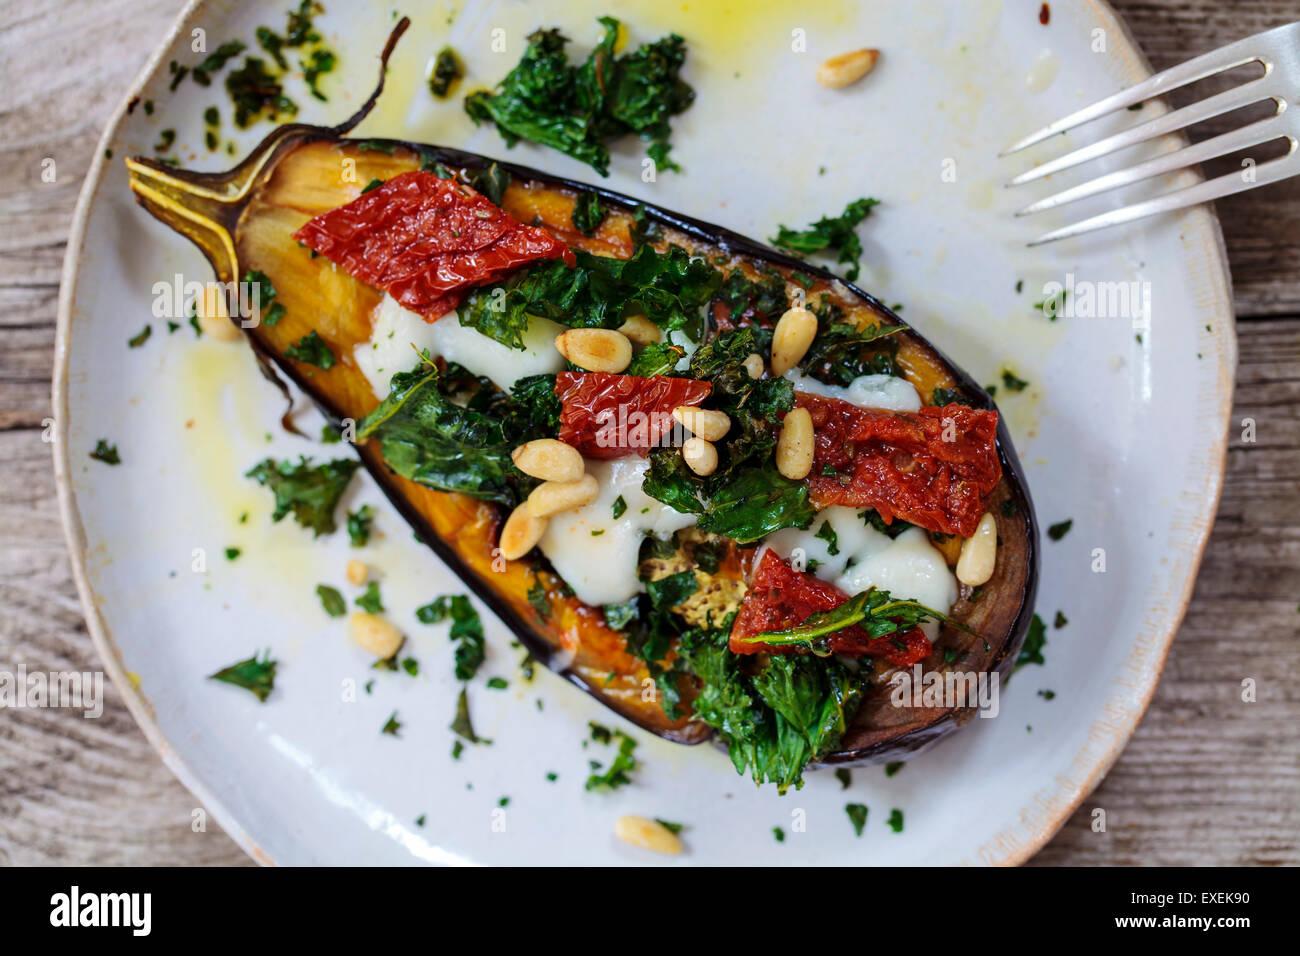 Gebratene Auberginen mit Ziegenkäse, knusprige Grünkohl, getrockneten Tomaten und Pinienkernen Stockbild